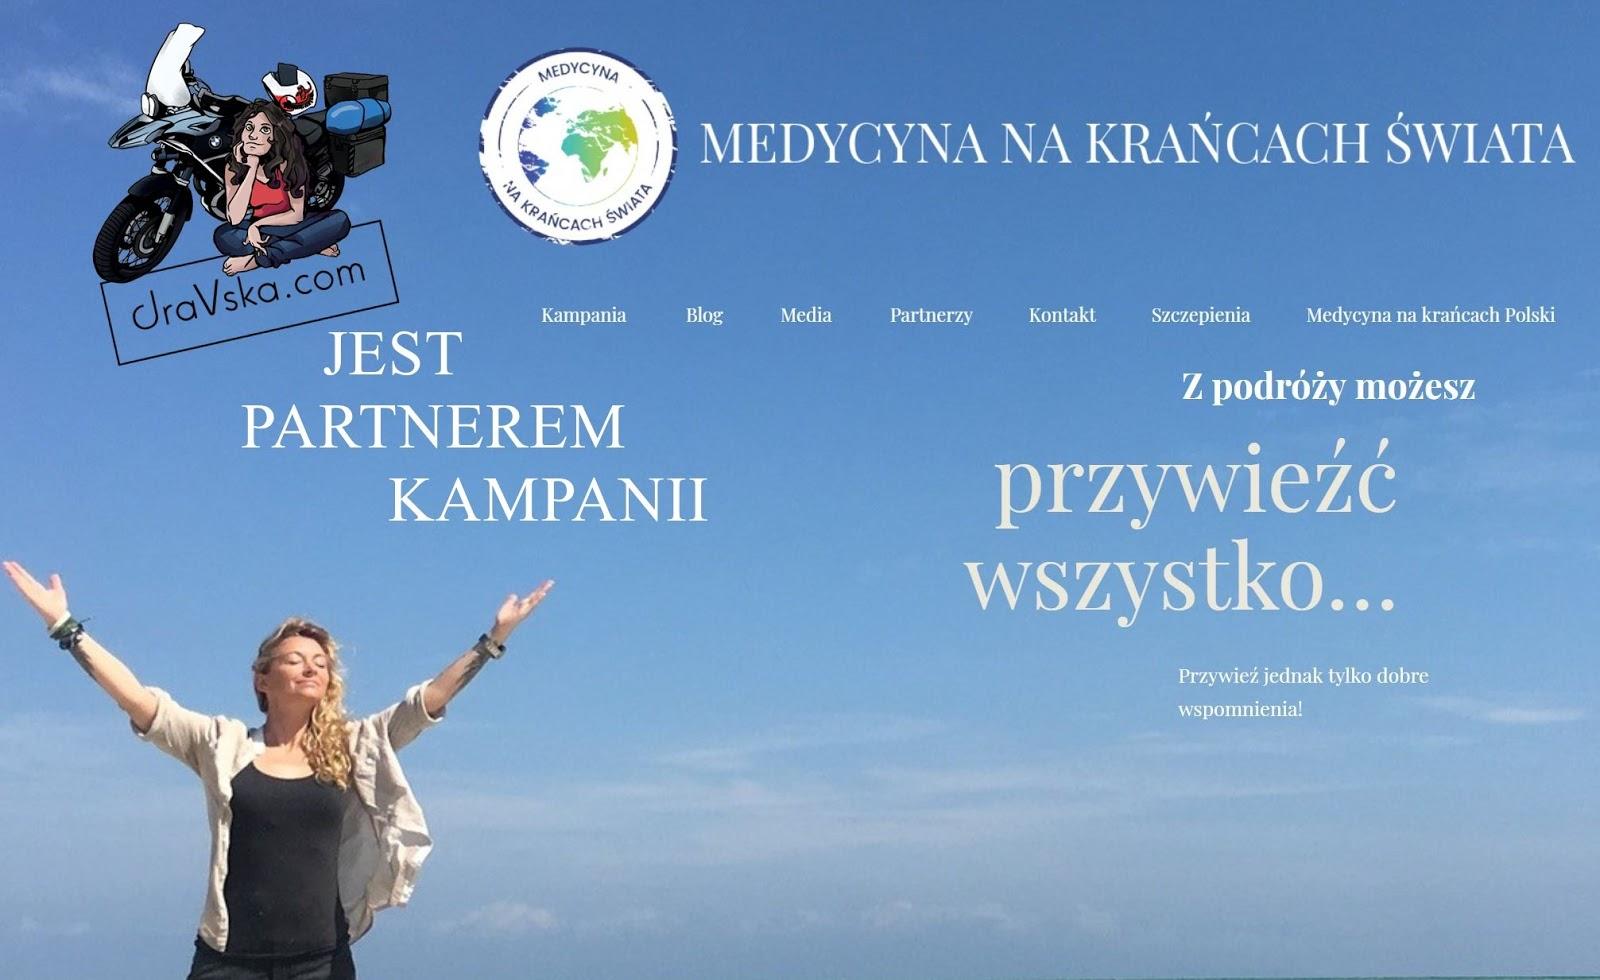 Medycyna na Krańcach świata - kampania edukacyjna na rzecz świadomości podróżników